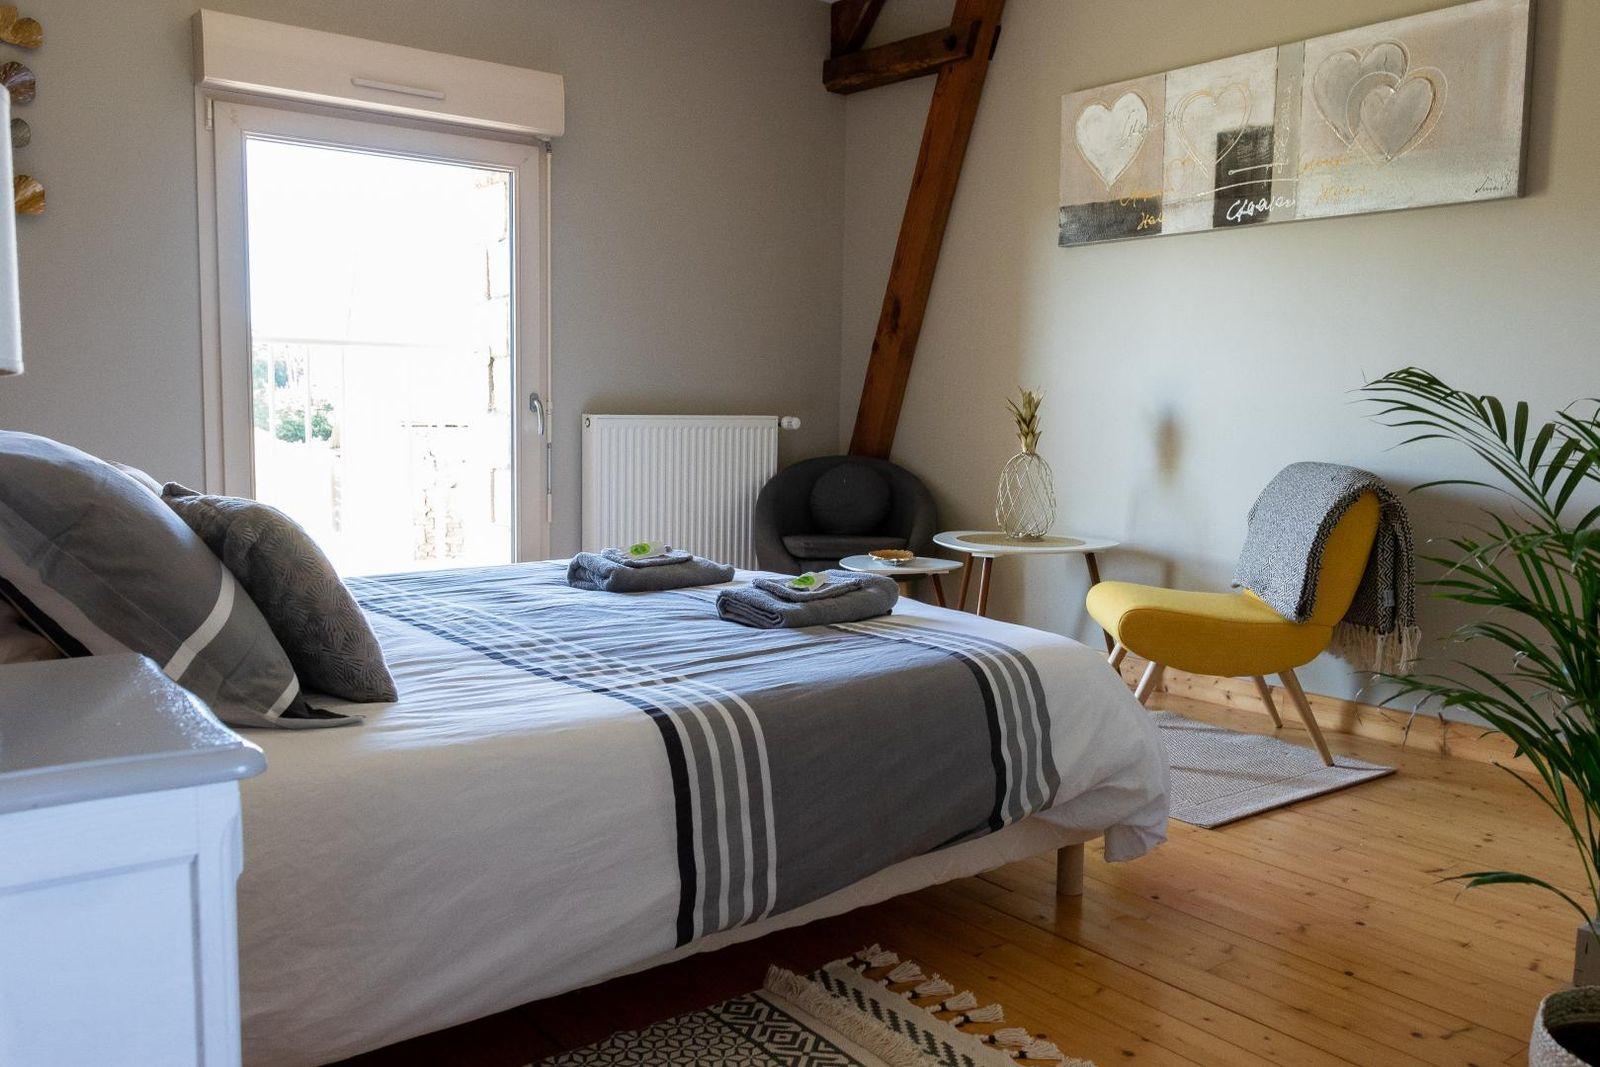 La chambre 2 cosy dispose d'une armoire, d'un lit double 160x200